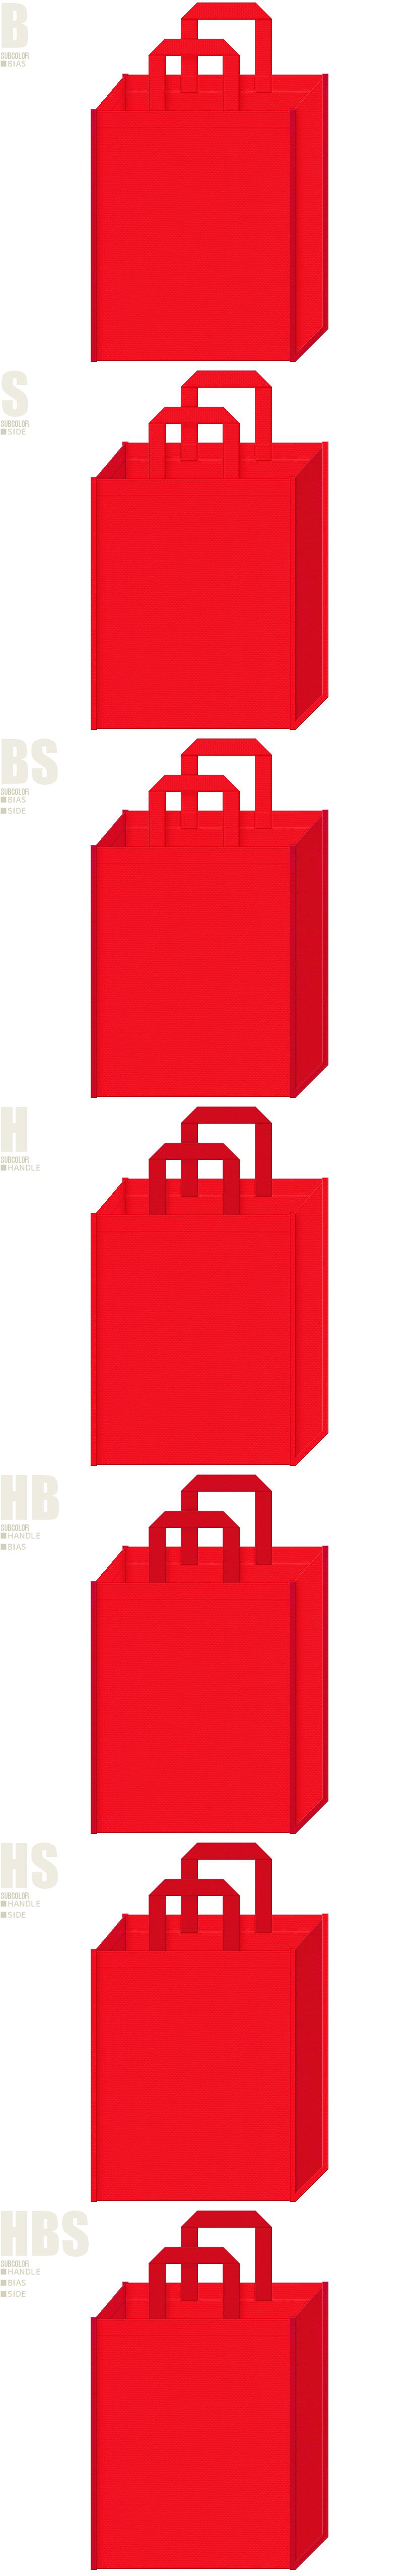 赤備え・お城イベントにお奨めの不織布バッグデザイン:赤色と紅色の配色7パターン